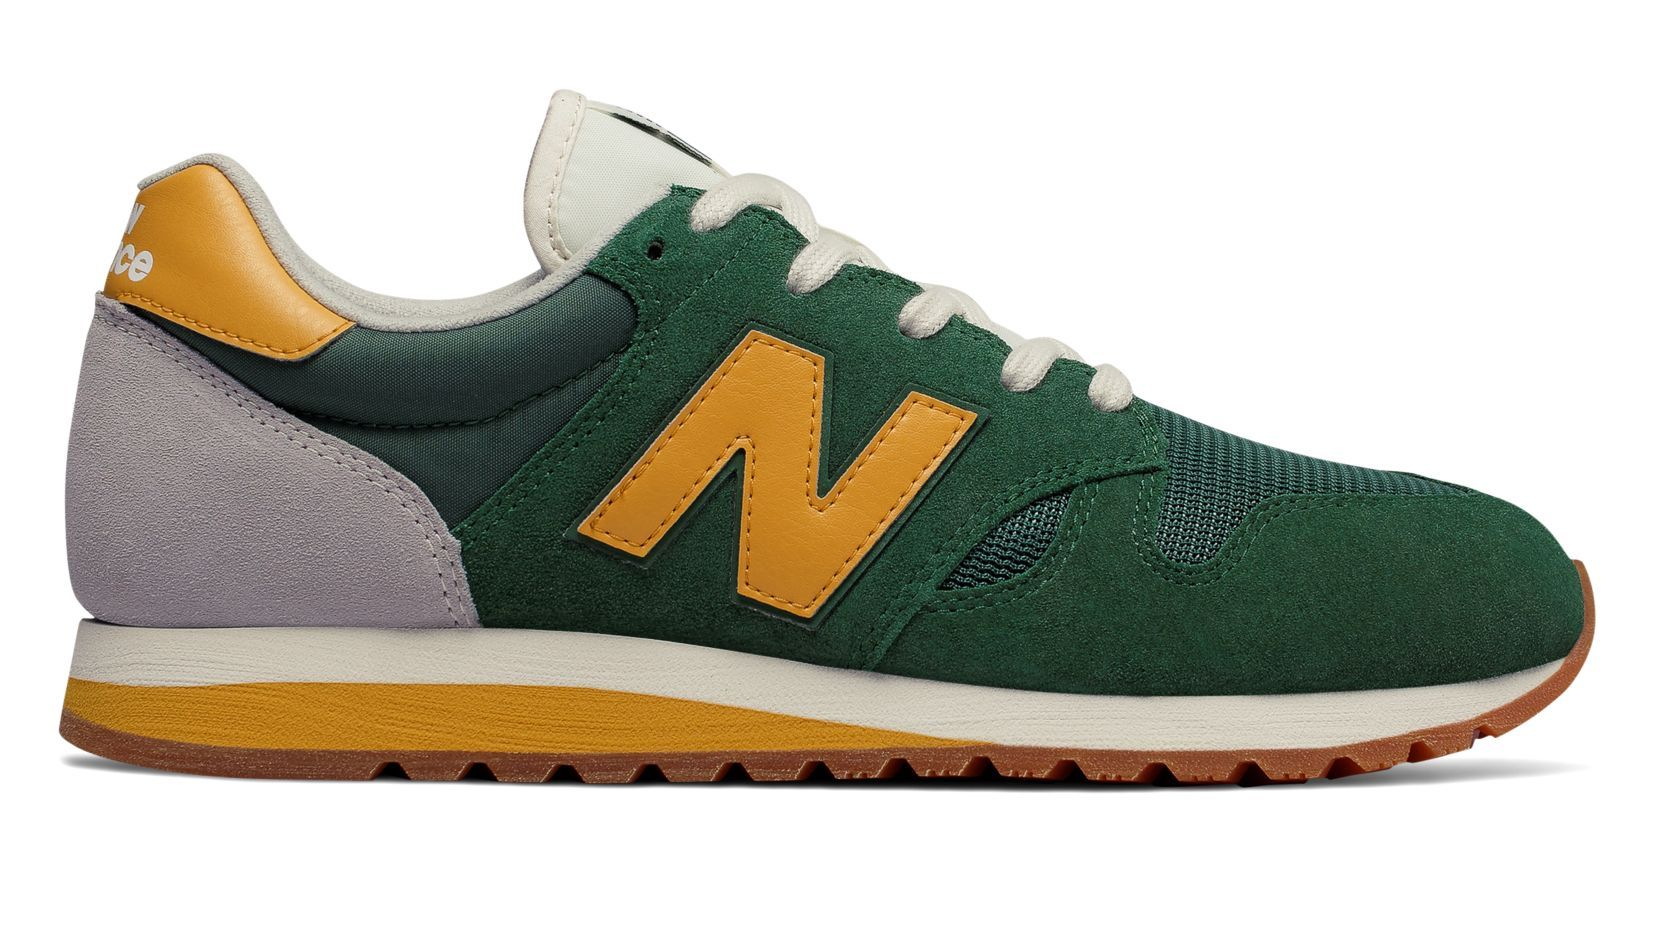 017fd4f0d3f348 ... men s running shoes. New Balance 520 70s Running